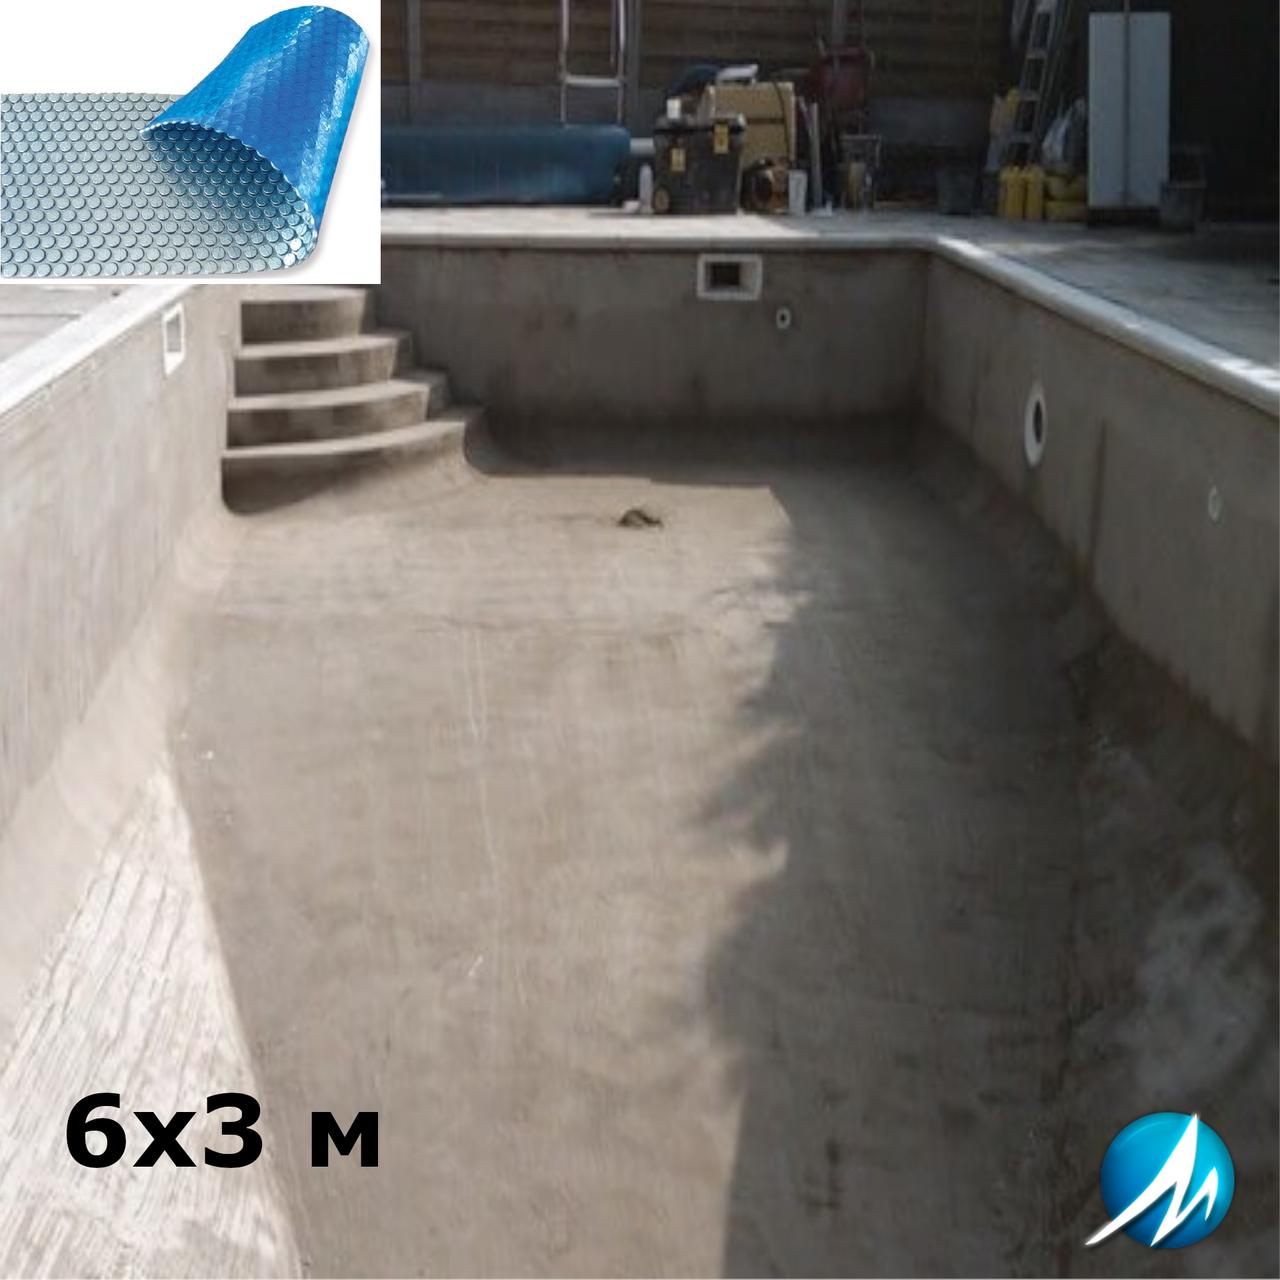 Солярне накриття для бетонного басейну 6х3 м